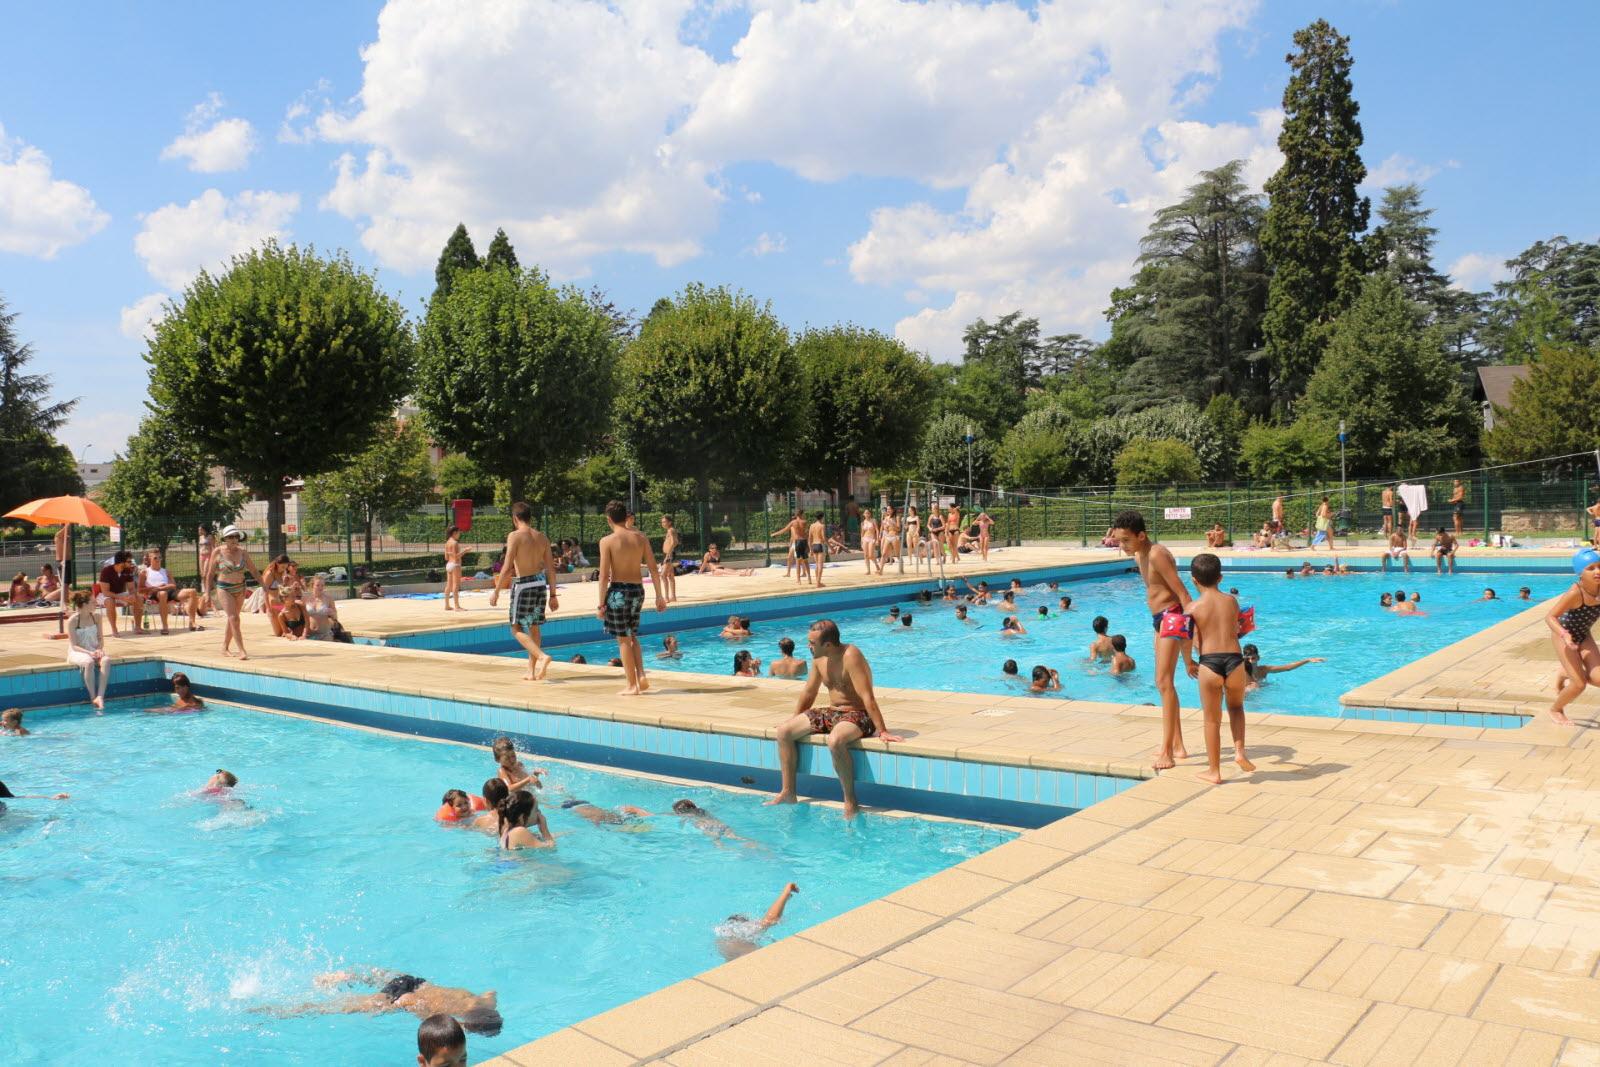 Loire | La Talaudière: La Piscine Définitivement Fermée intérieur Piscine La Talaudiere